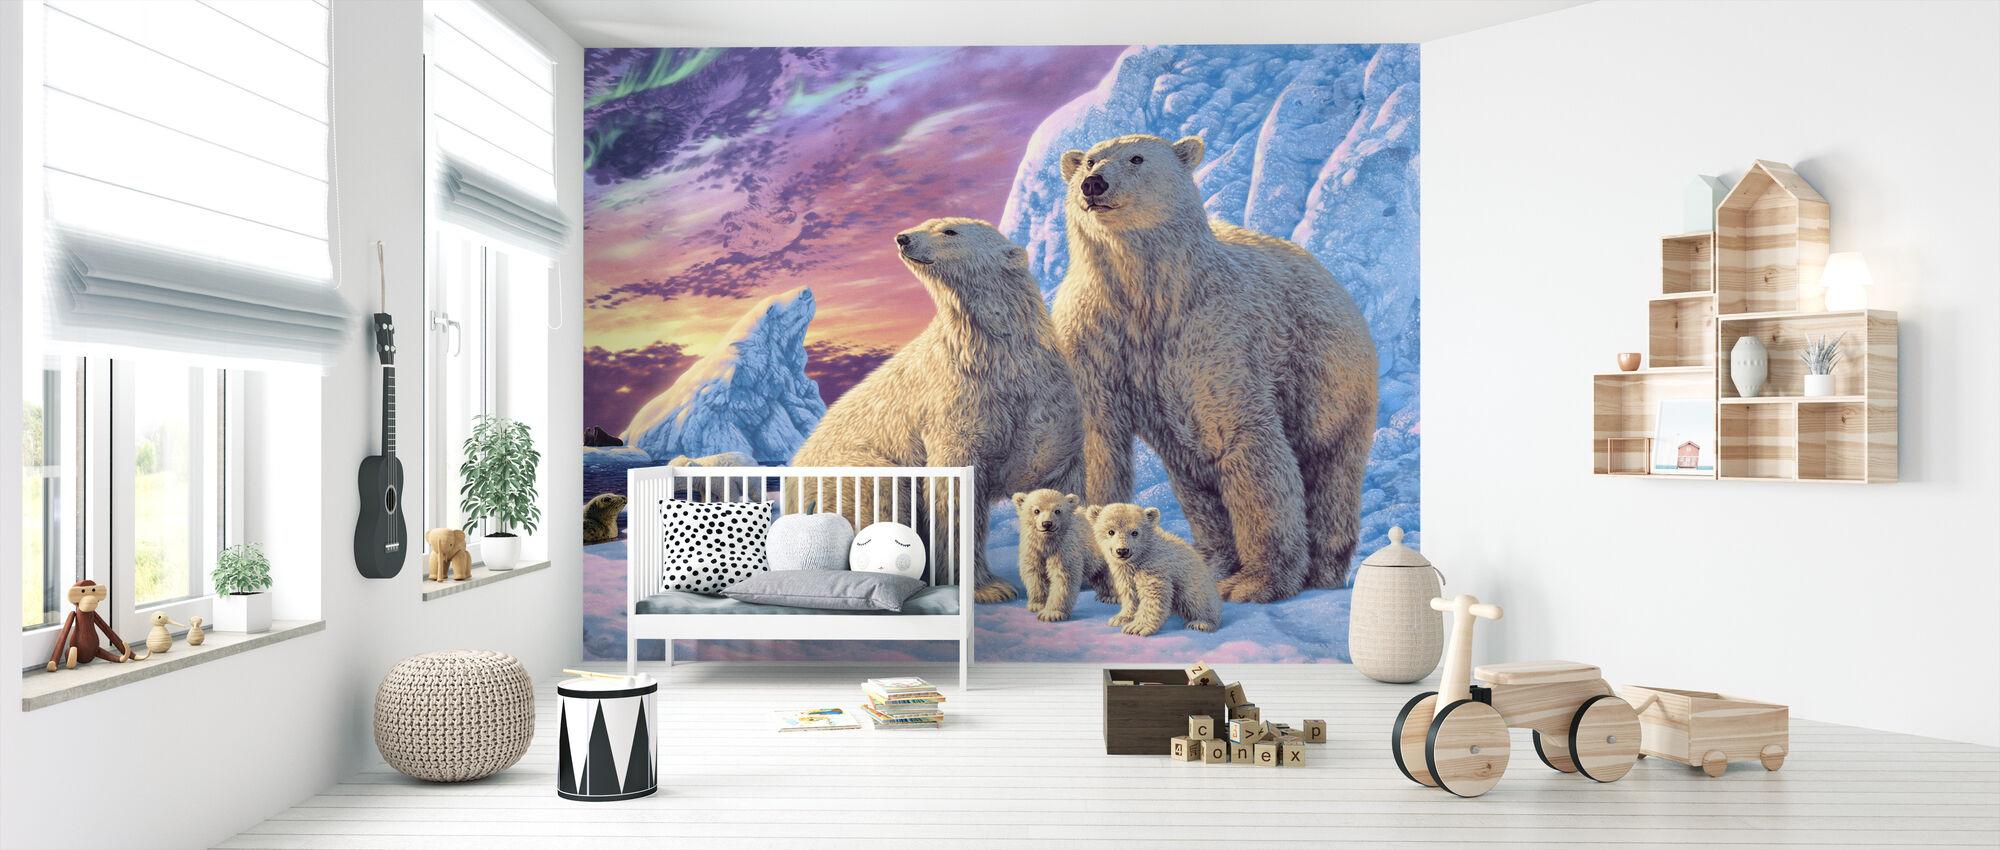 Jääkarhut - Tapetti - Vauvan huone